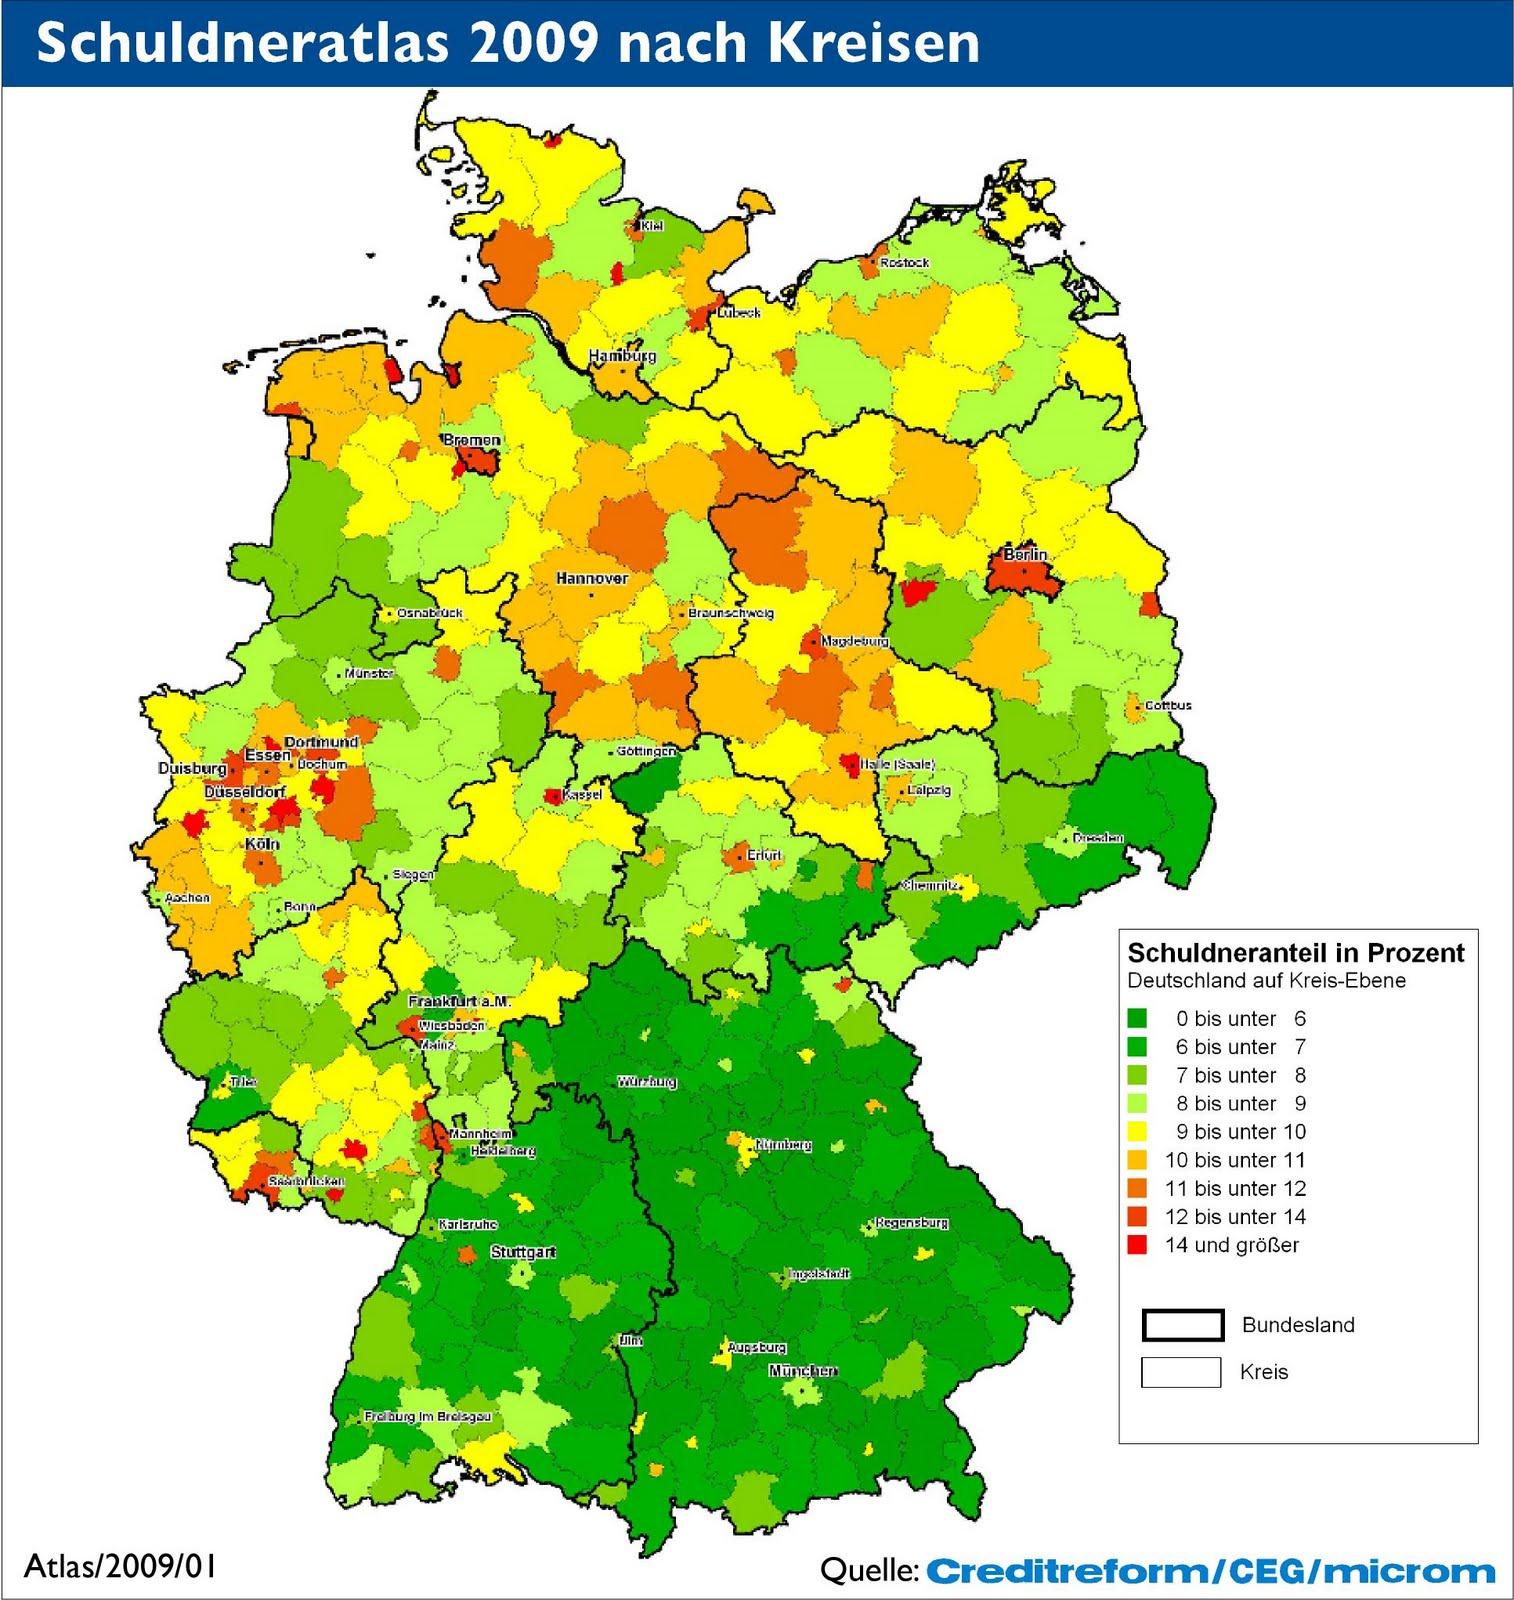 Deutschlandkarte_Schuldenatlas2009_Schuldner_nach_Kreis